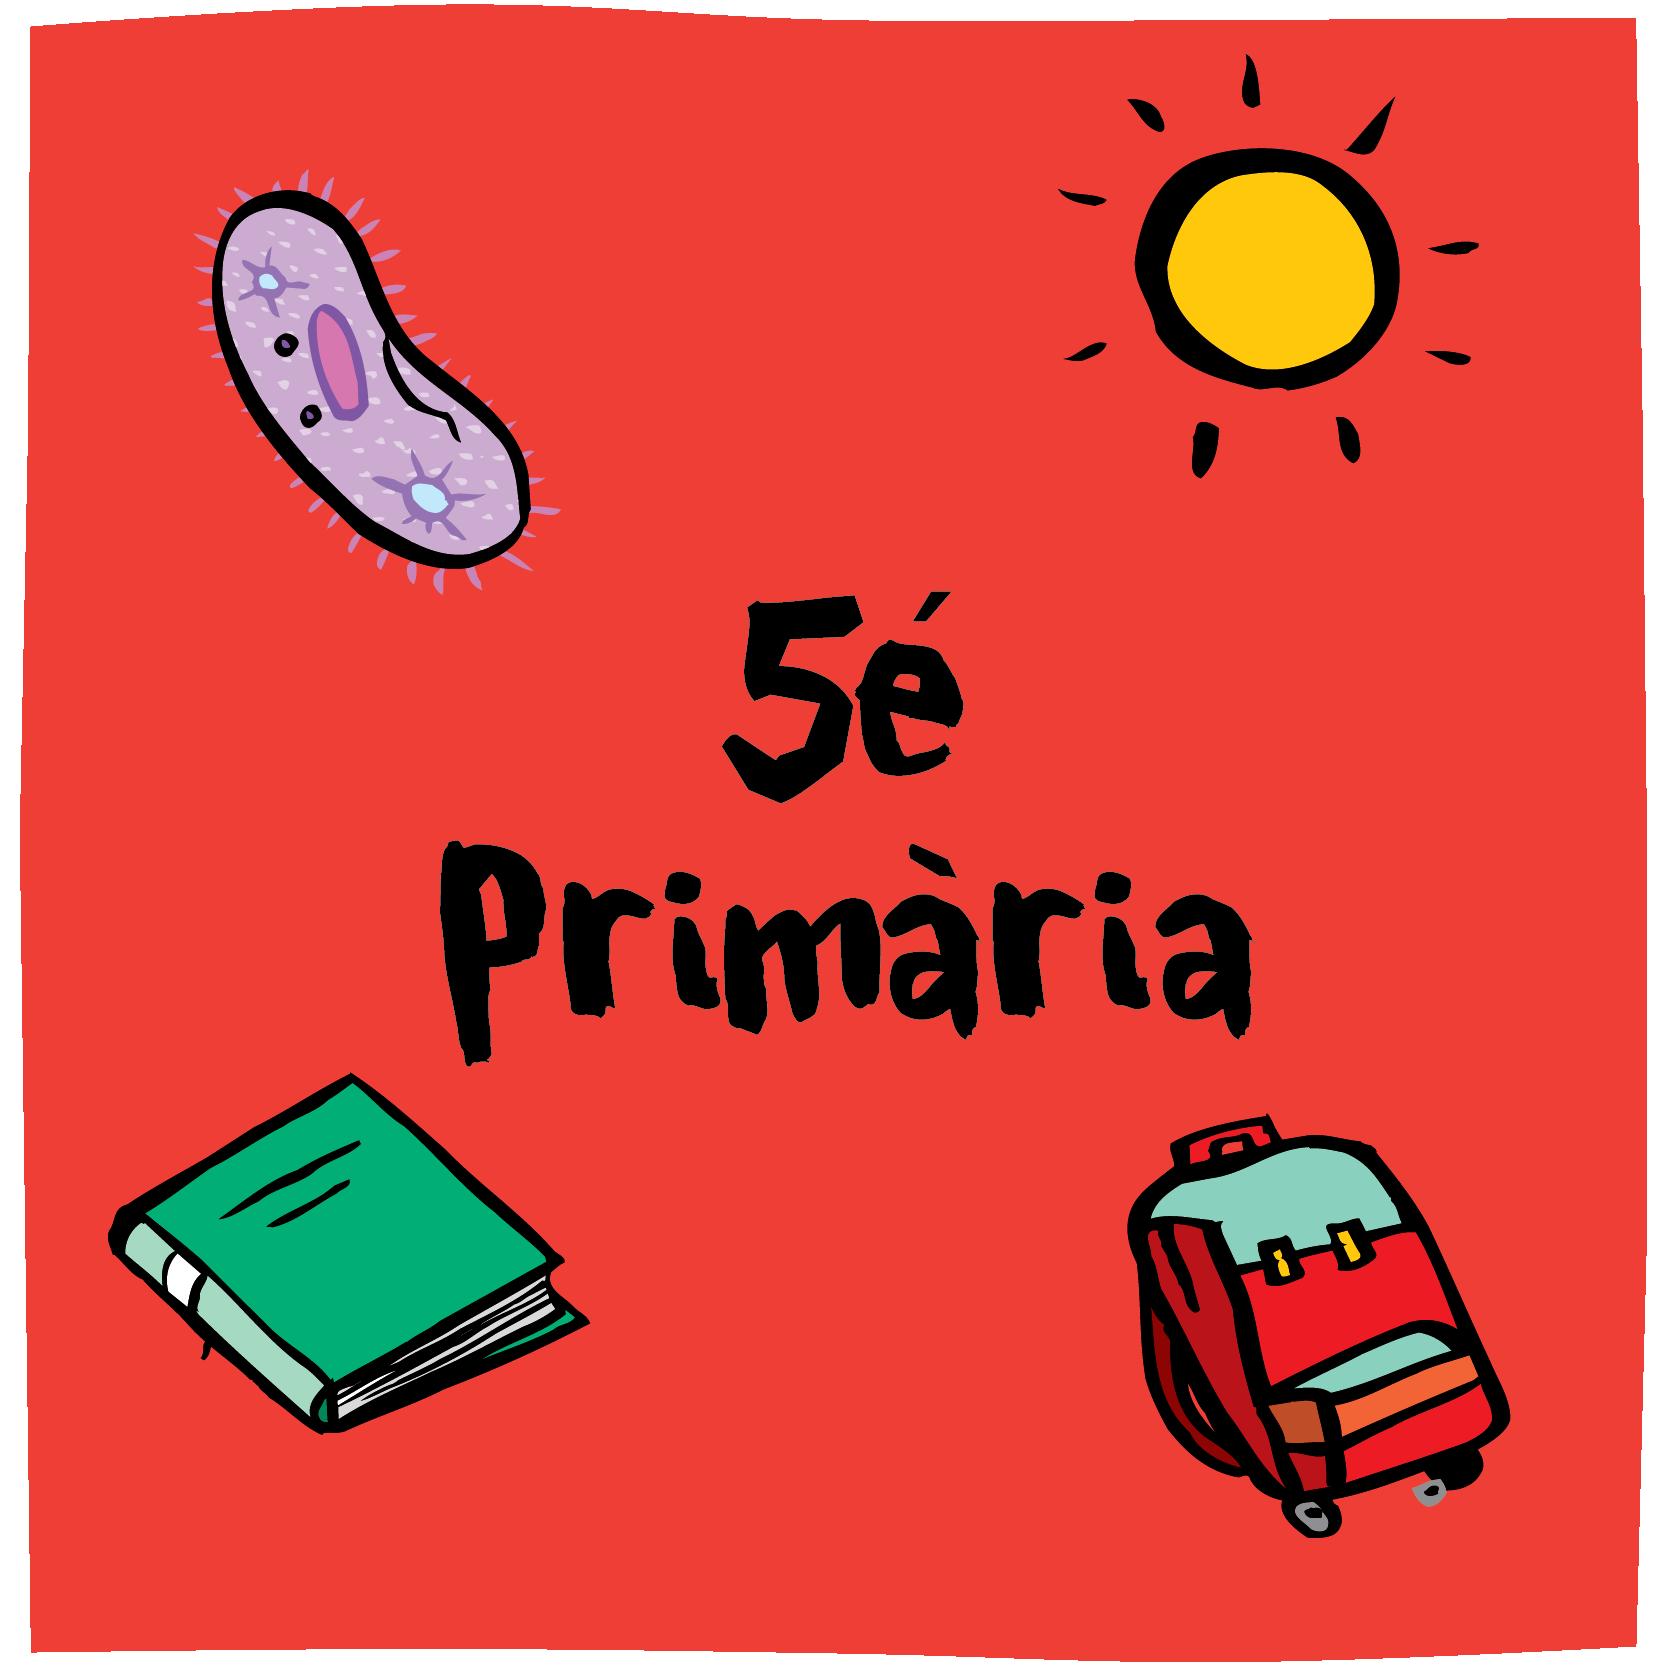 OBN 5é Primària